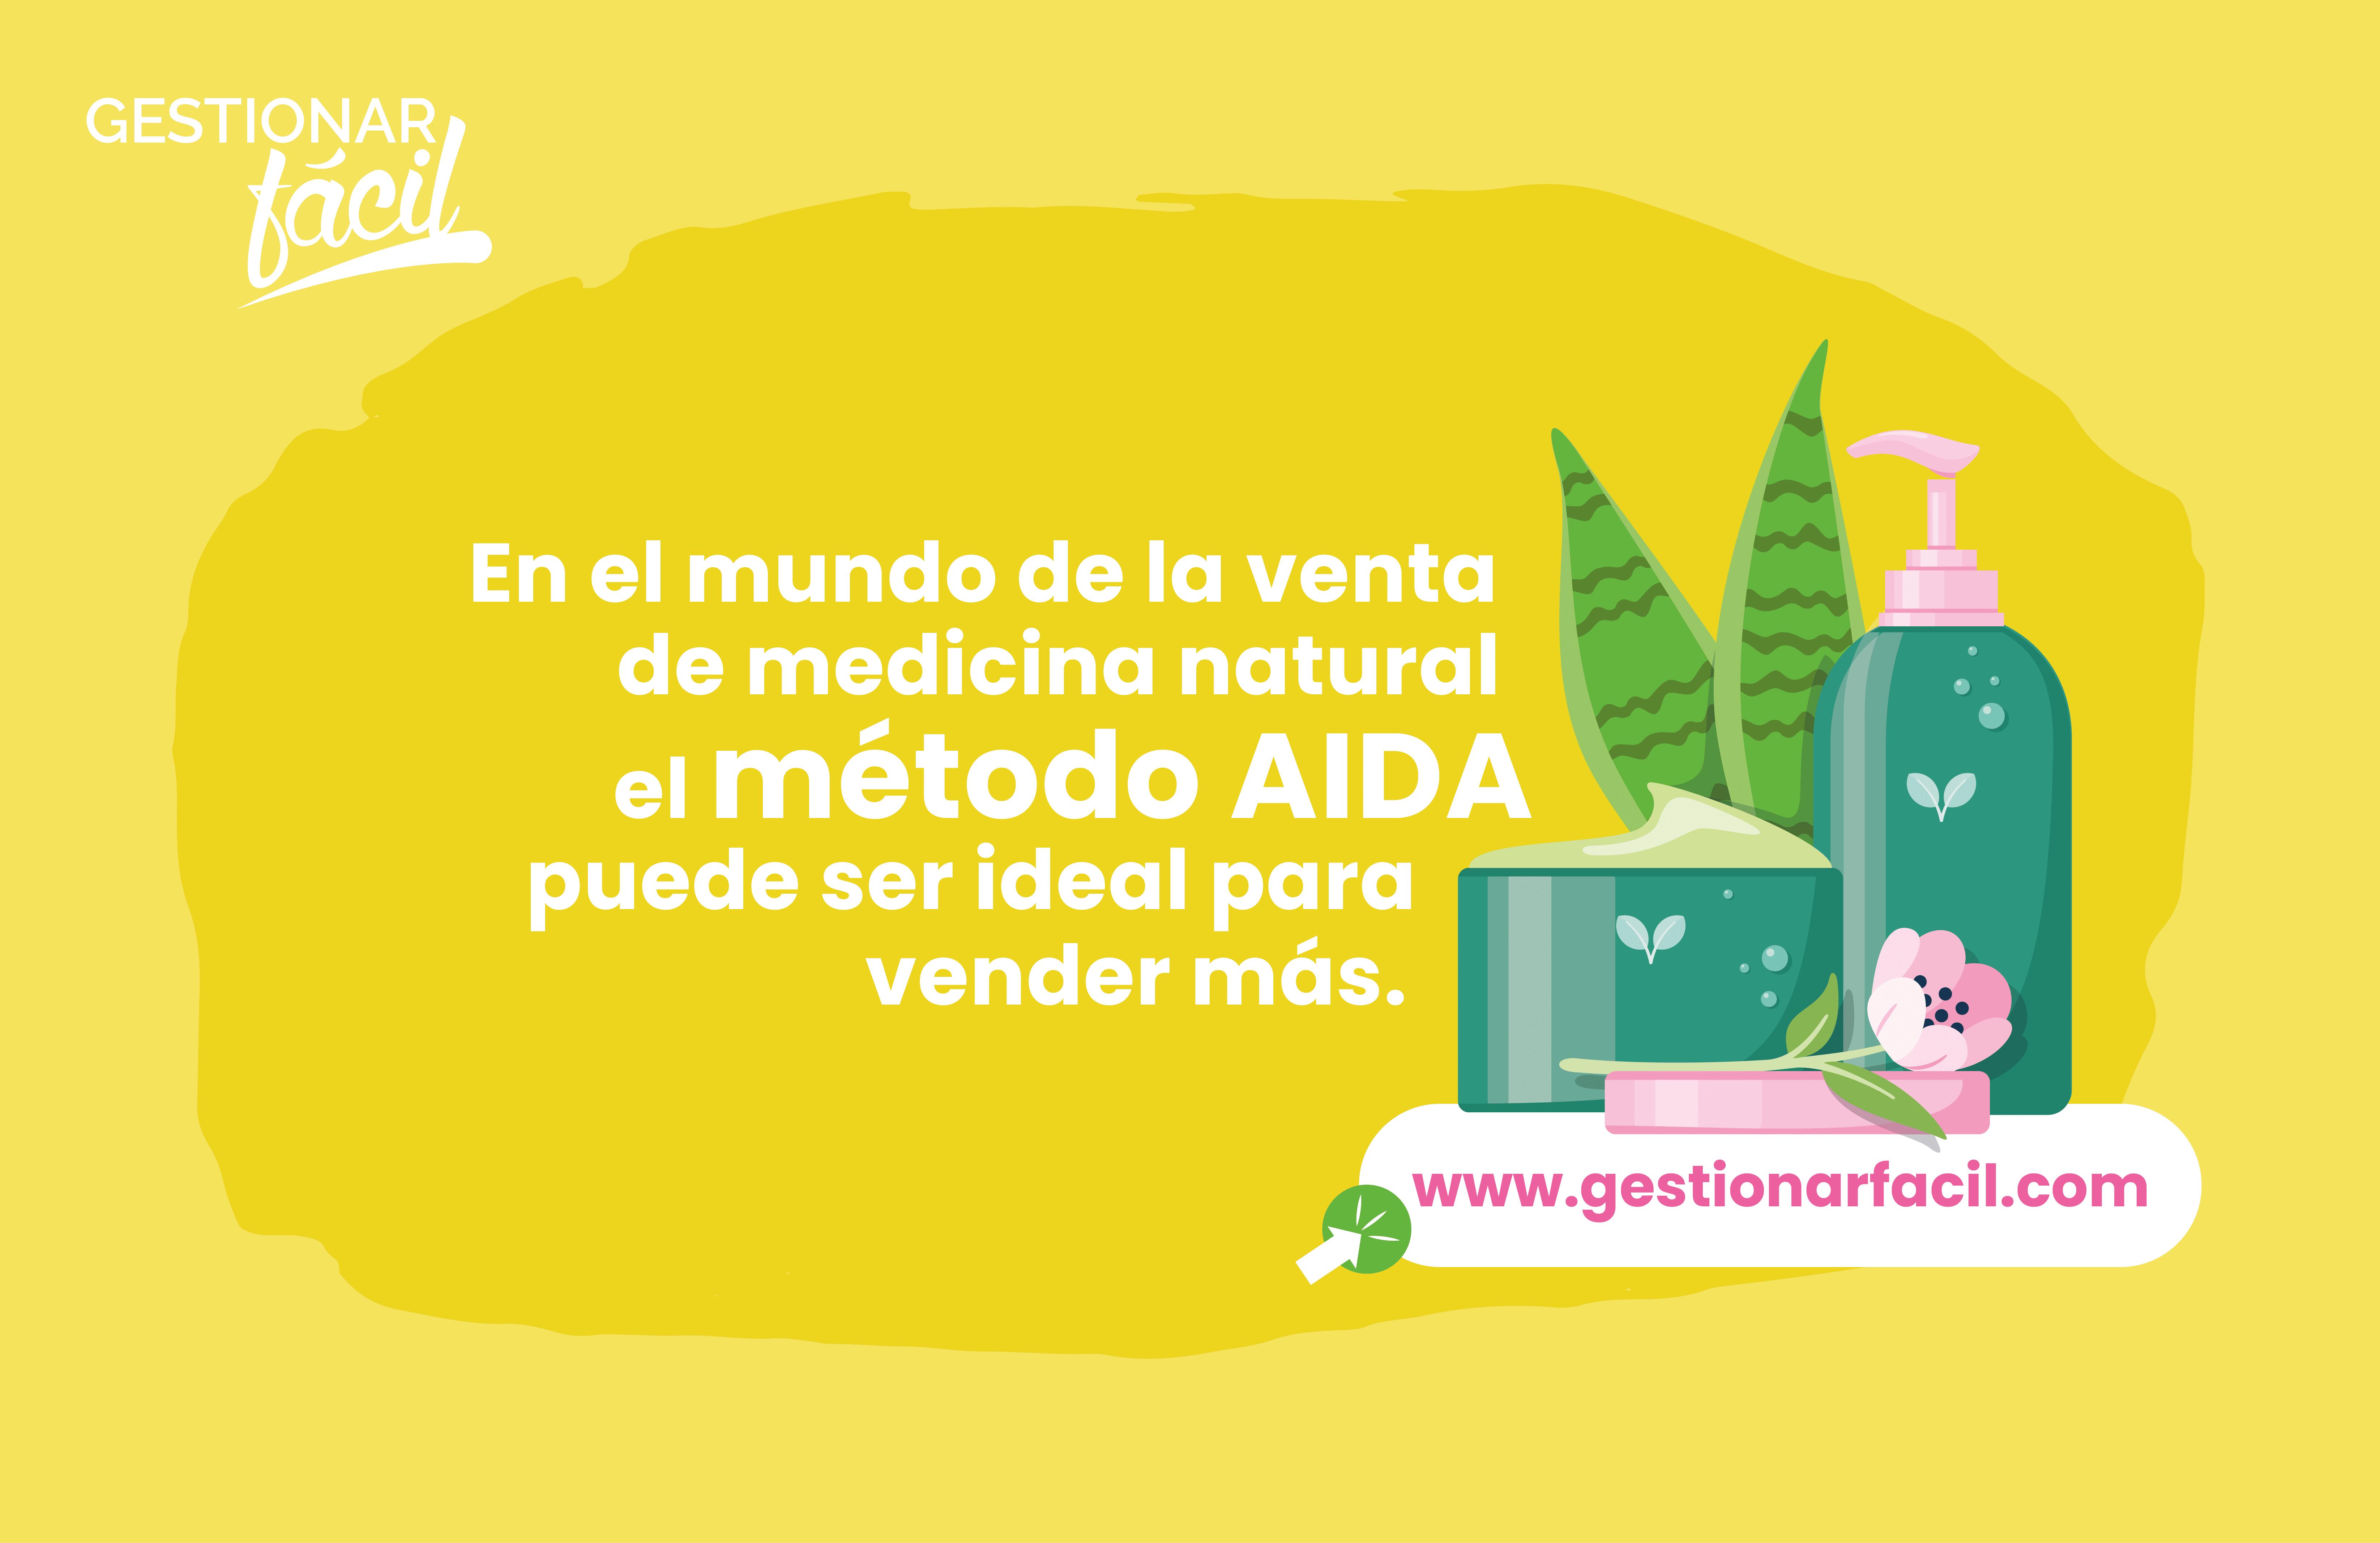 En el mundo de la venta de medicina natural el método AIDA puede ser ideal para vender más.